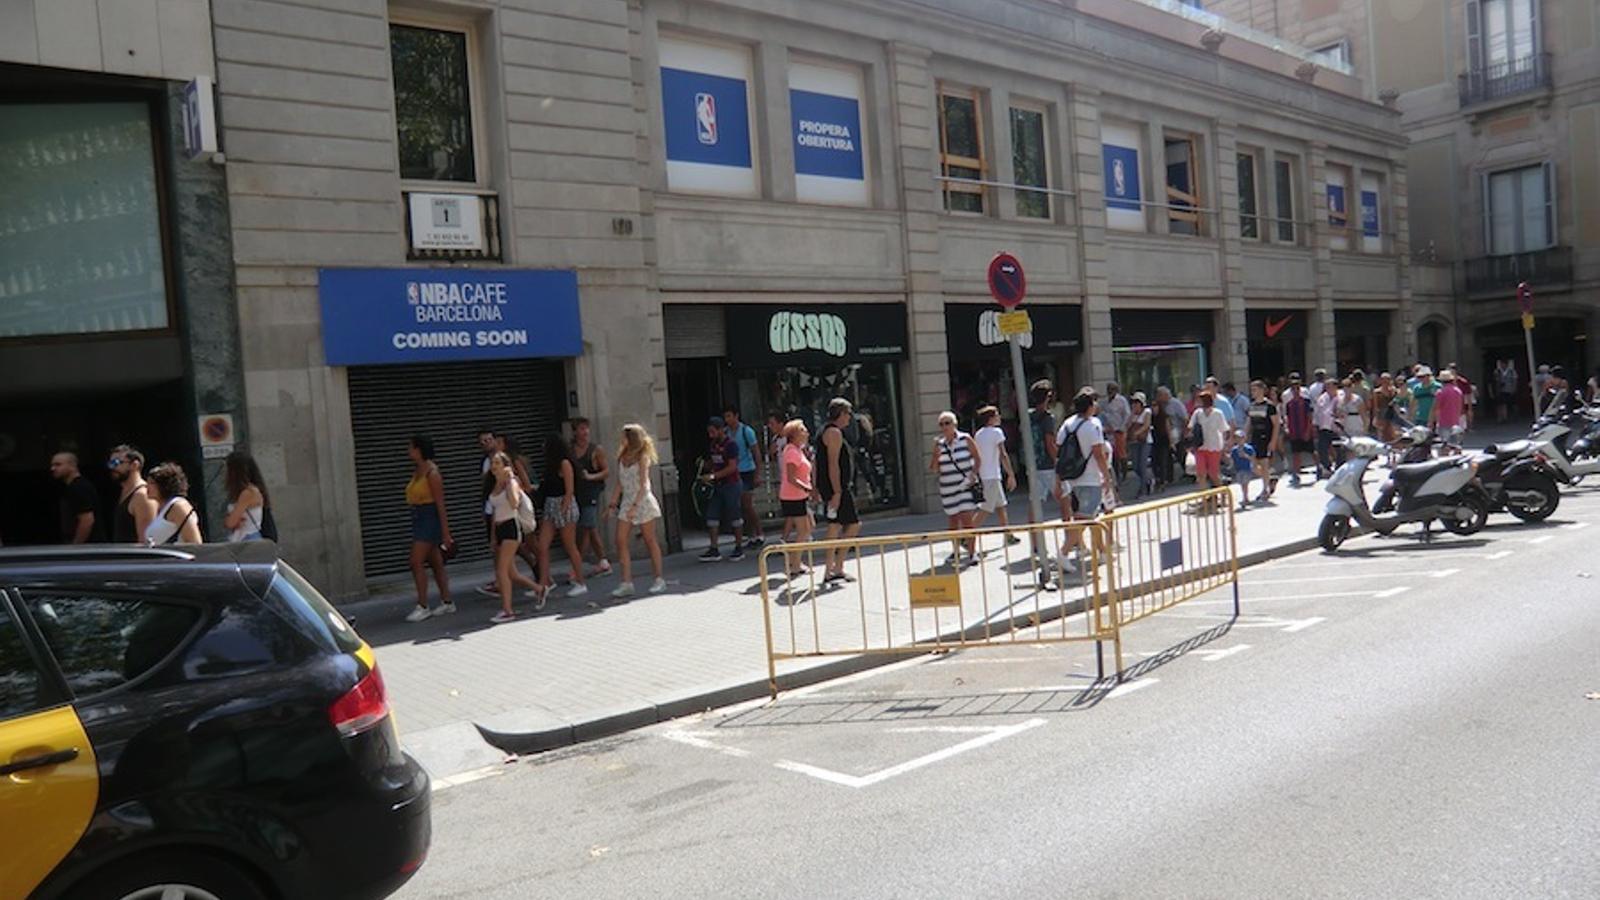 Façana de les obres del NBA Cafè Barcelona